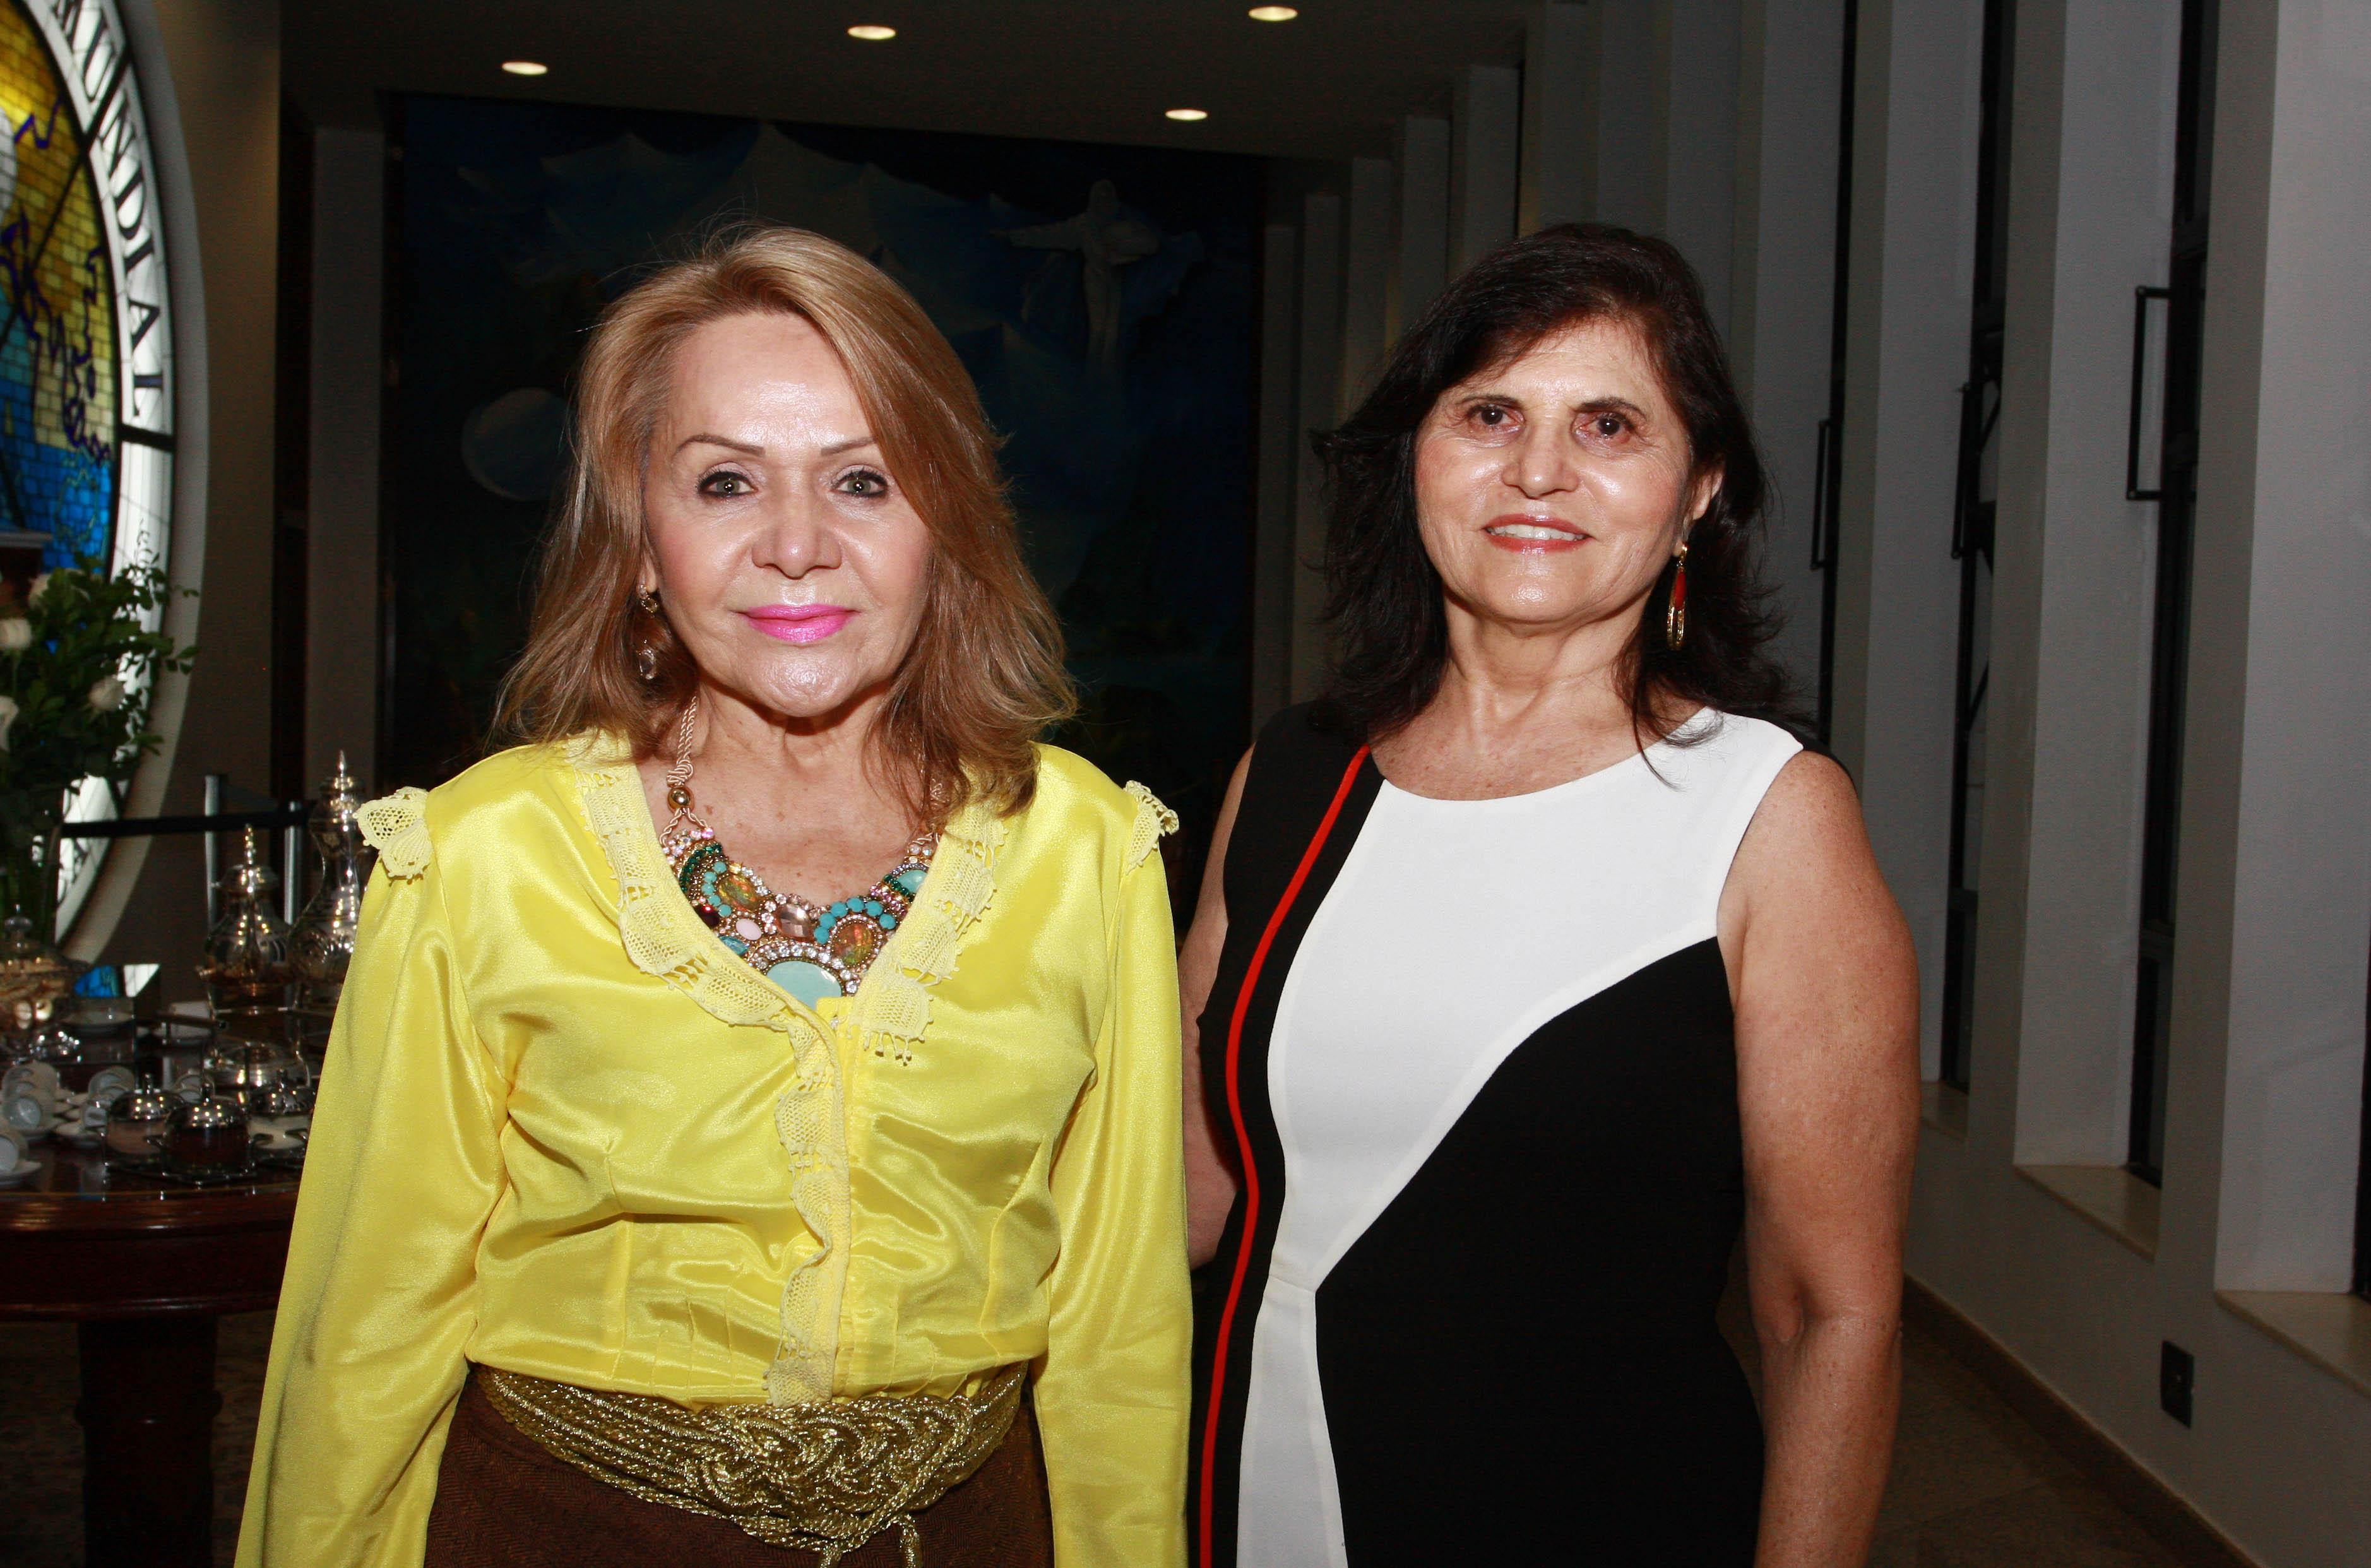 Aurinete Leire e Irene Maia